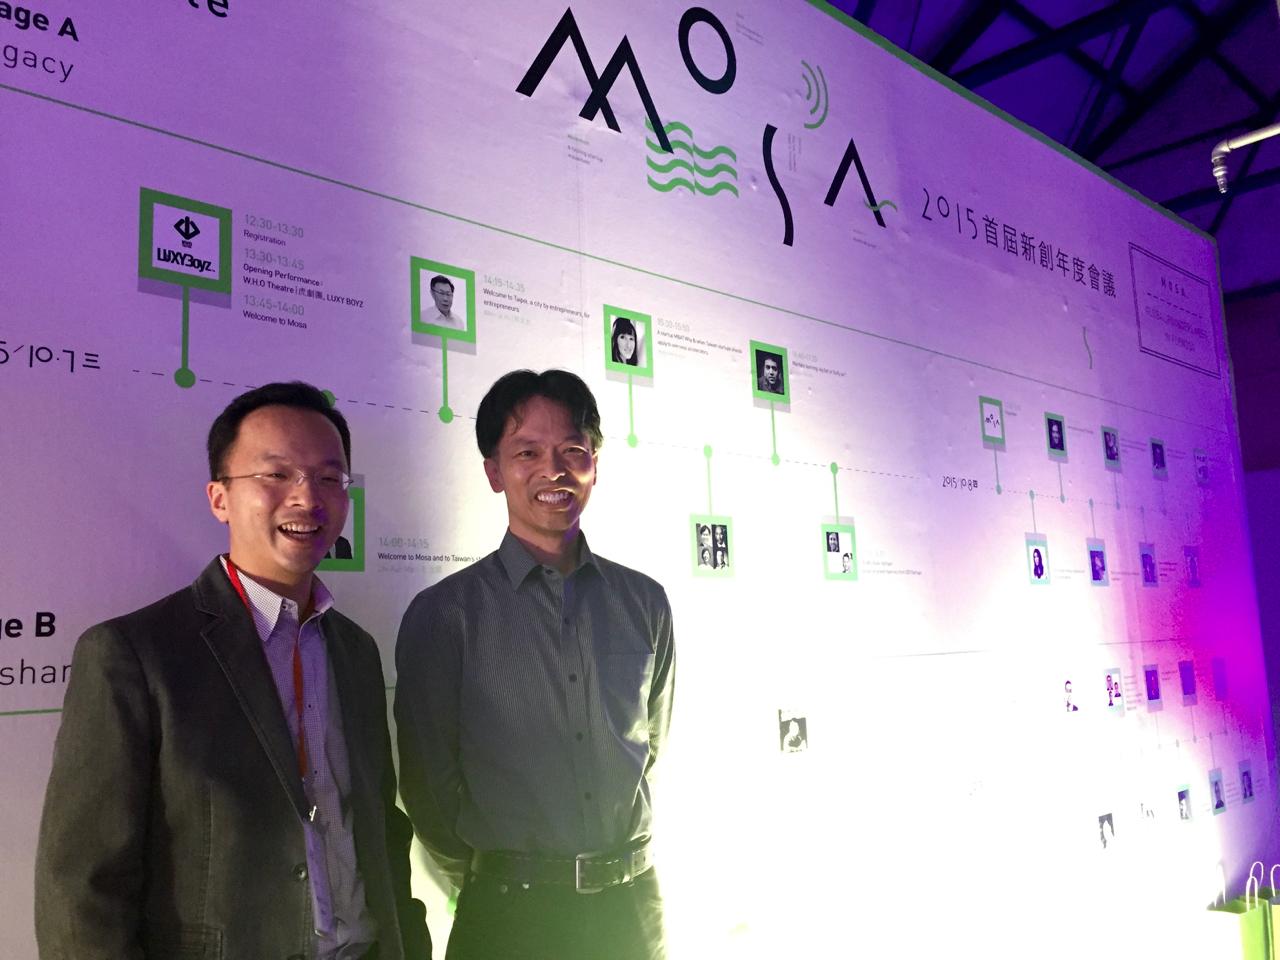 Matt & Wayne Huang at MOSA 2015